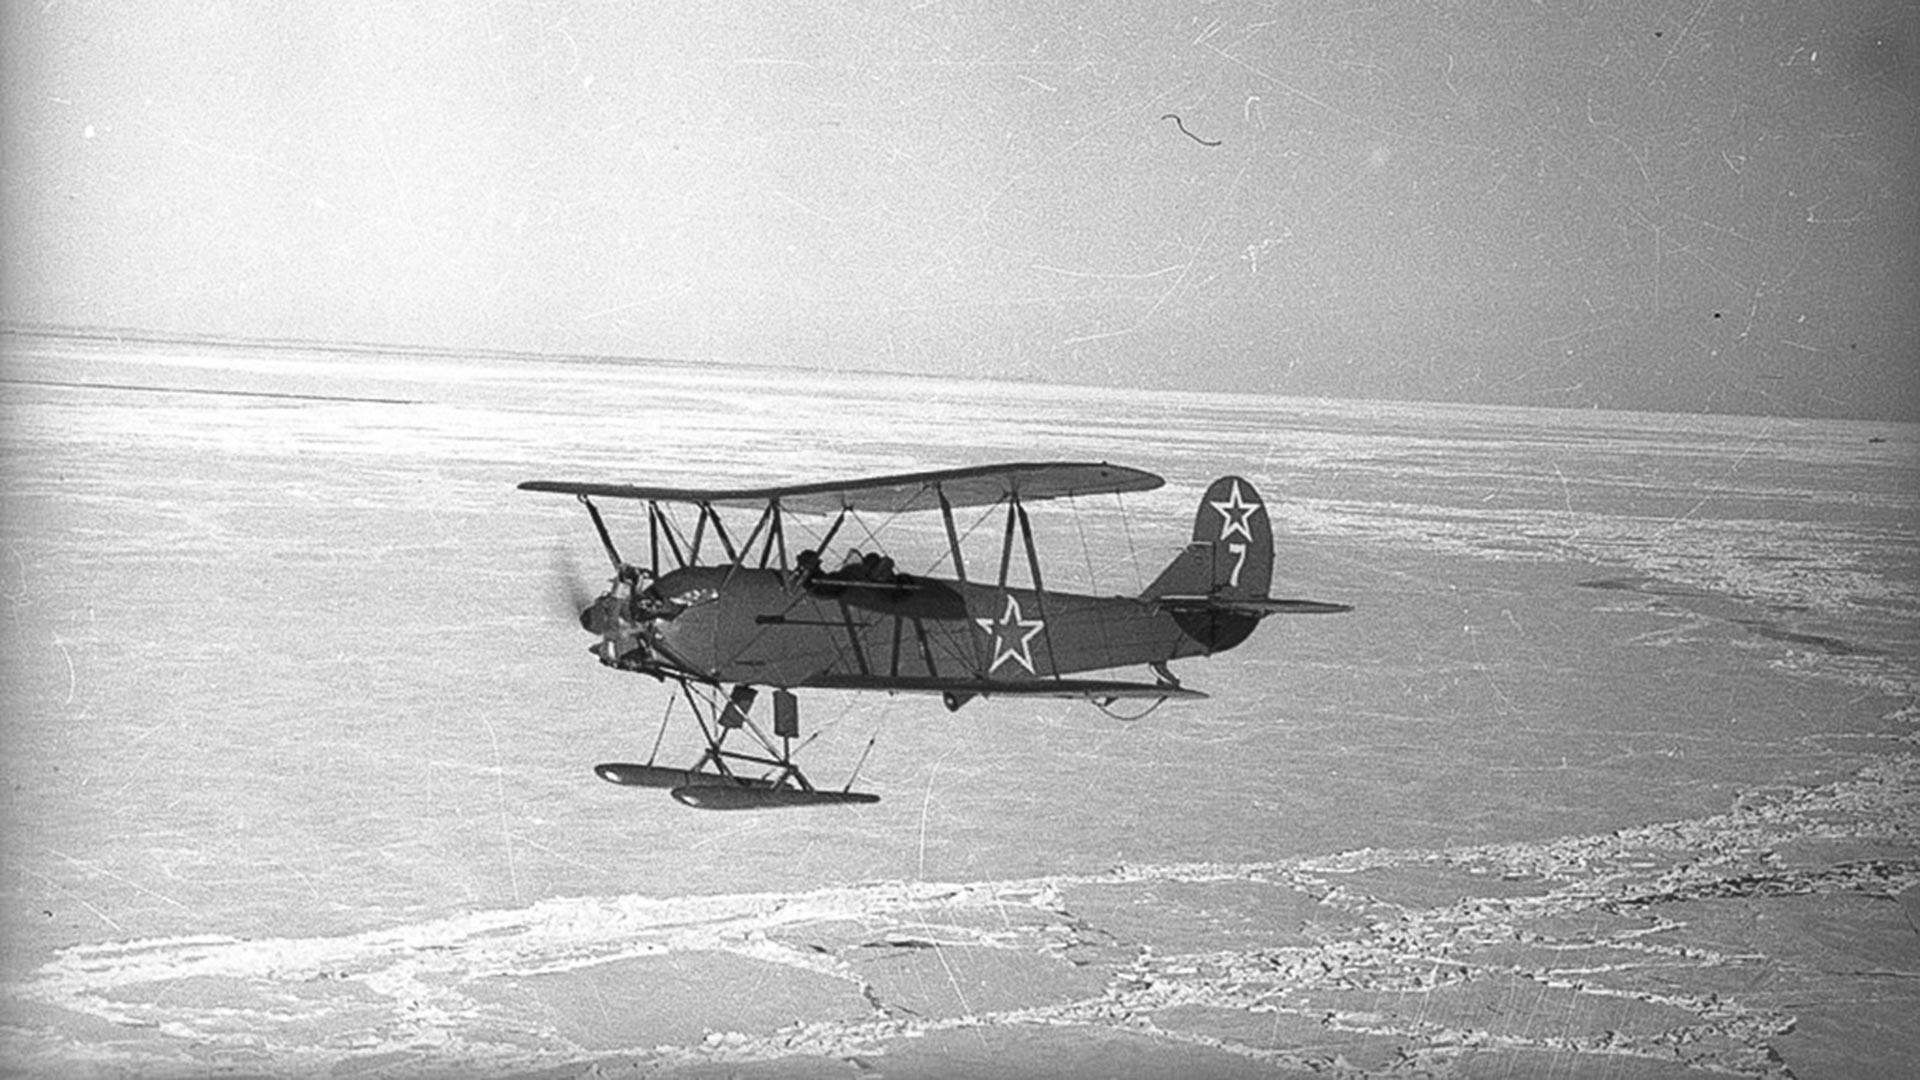 Самолет У-2 ще бъде свален от противниковата отбрана в нощта на 01.08.1943 г. Екипажът (пилот Полунина Валентина Ивановна и навигатор Каширина Глафира Алексеевна) ще загинат.